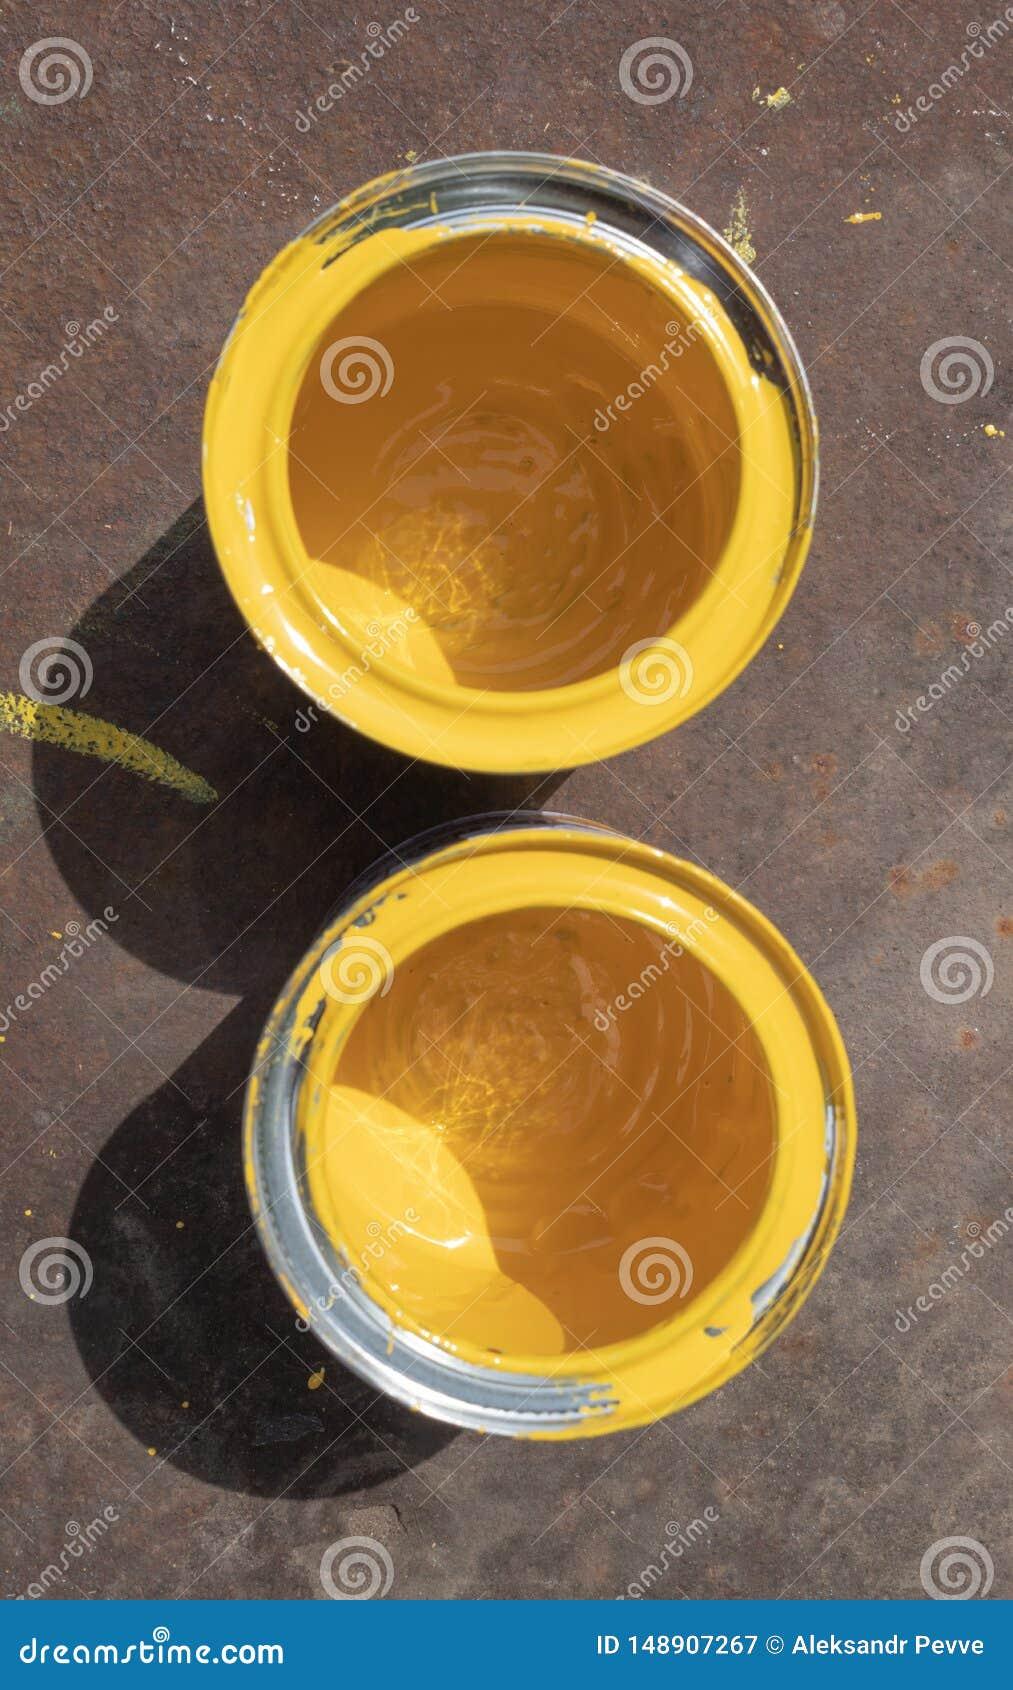 Δύο κενά κίτρινα δοχεία χρωμάτων με smudges στέκονται σε ένα σκουριασμένο φύλλο σιδήρου αναμμένο από το φως του ήλιου